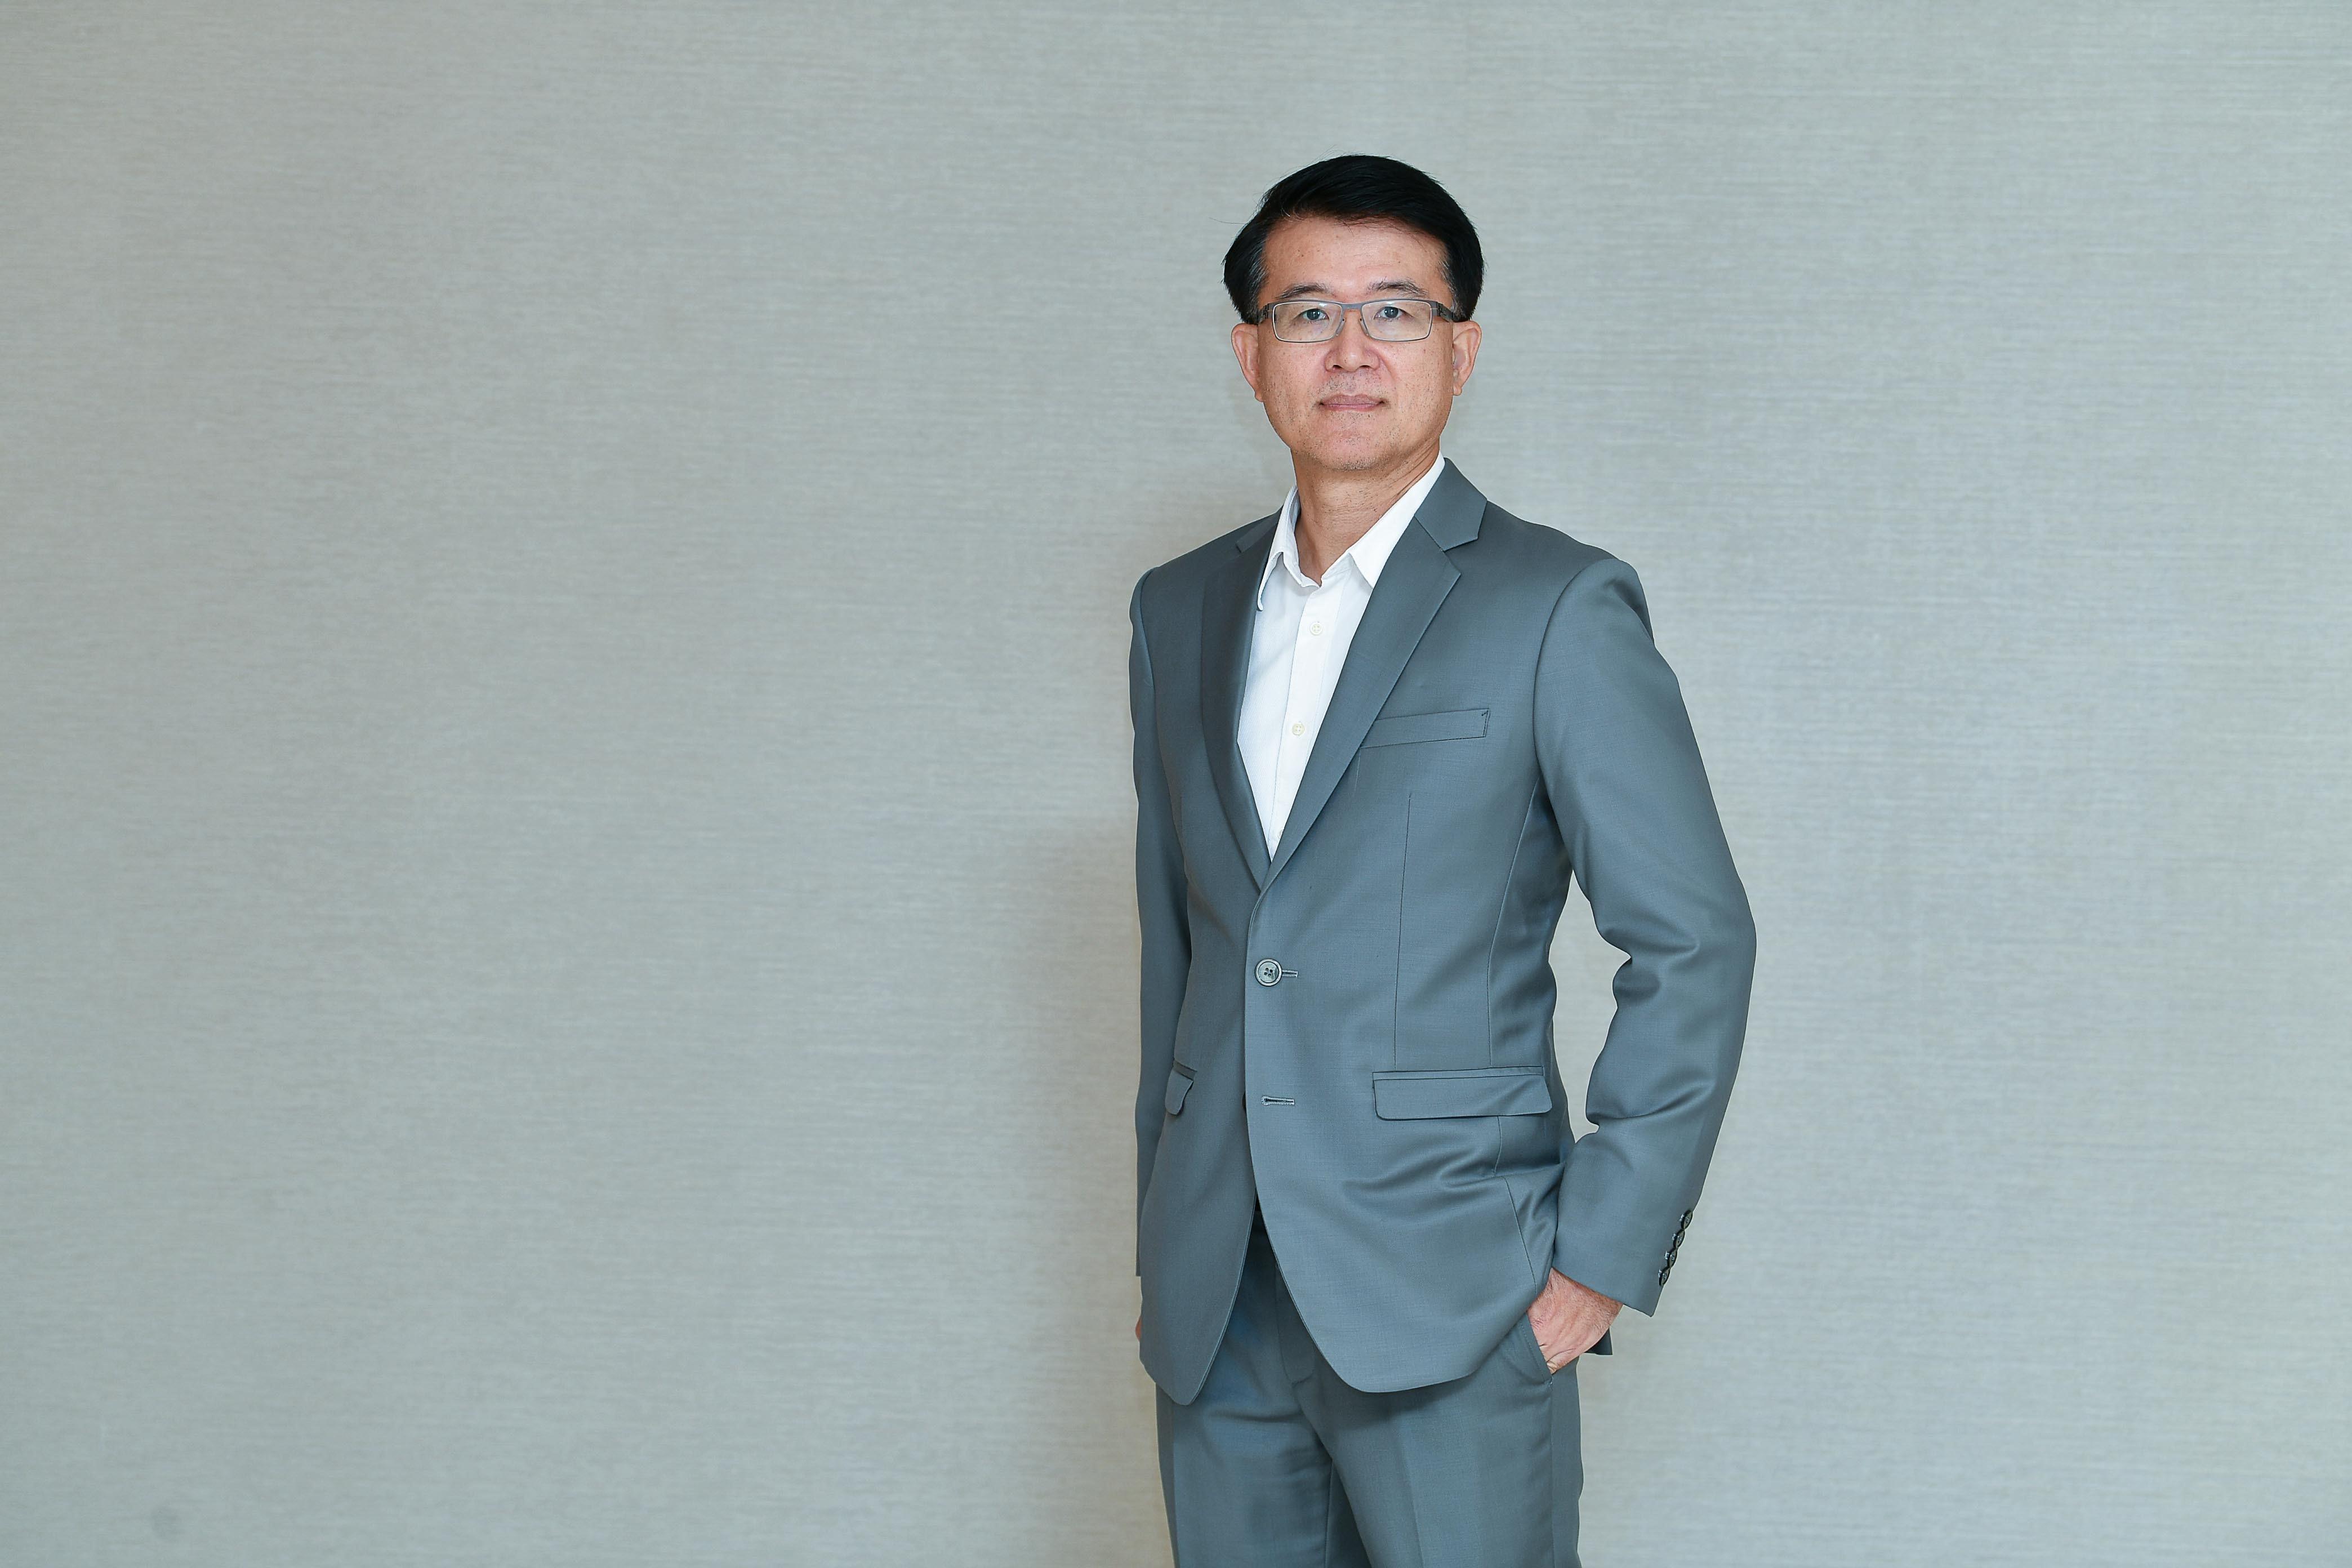 กสิกรไทย ย้ำผู้นำธุรกรรมซื้อคืนภาคเอกชนอ้างอิงอัตราดอกเบี้ย THOR ธุรกรรมแรกของตลาดการเงินไทย